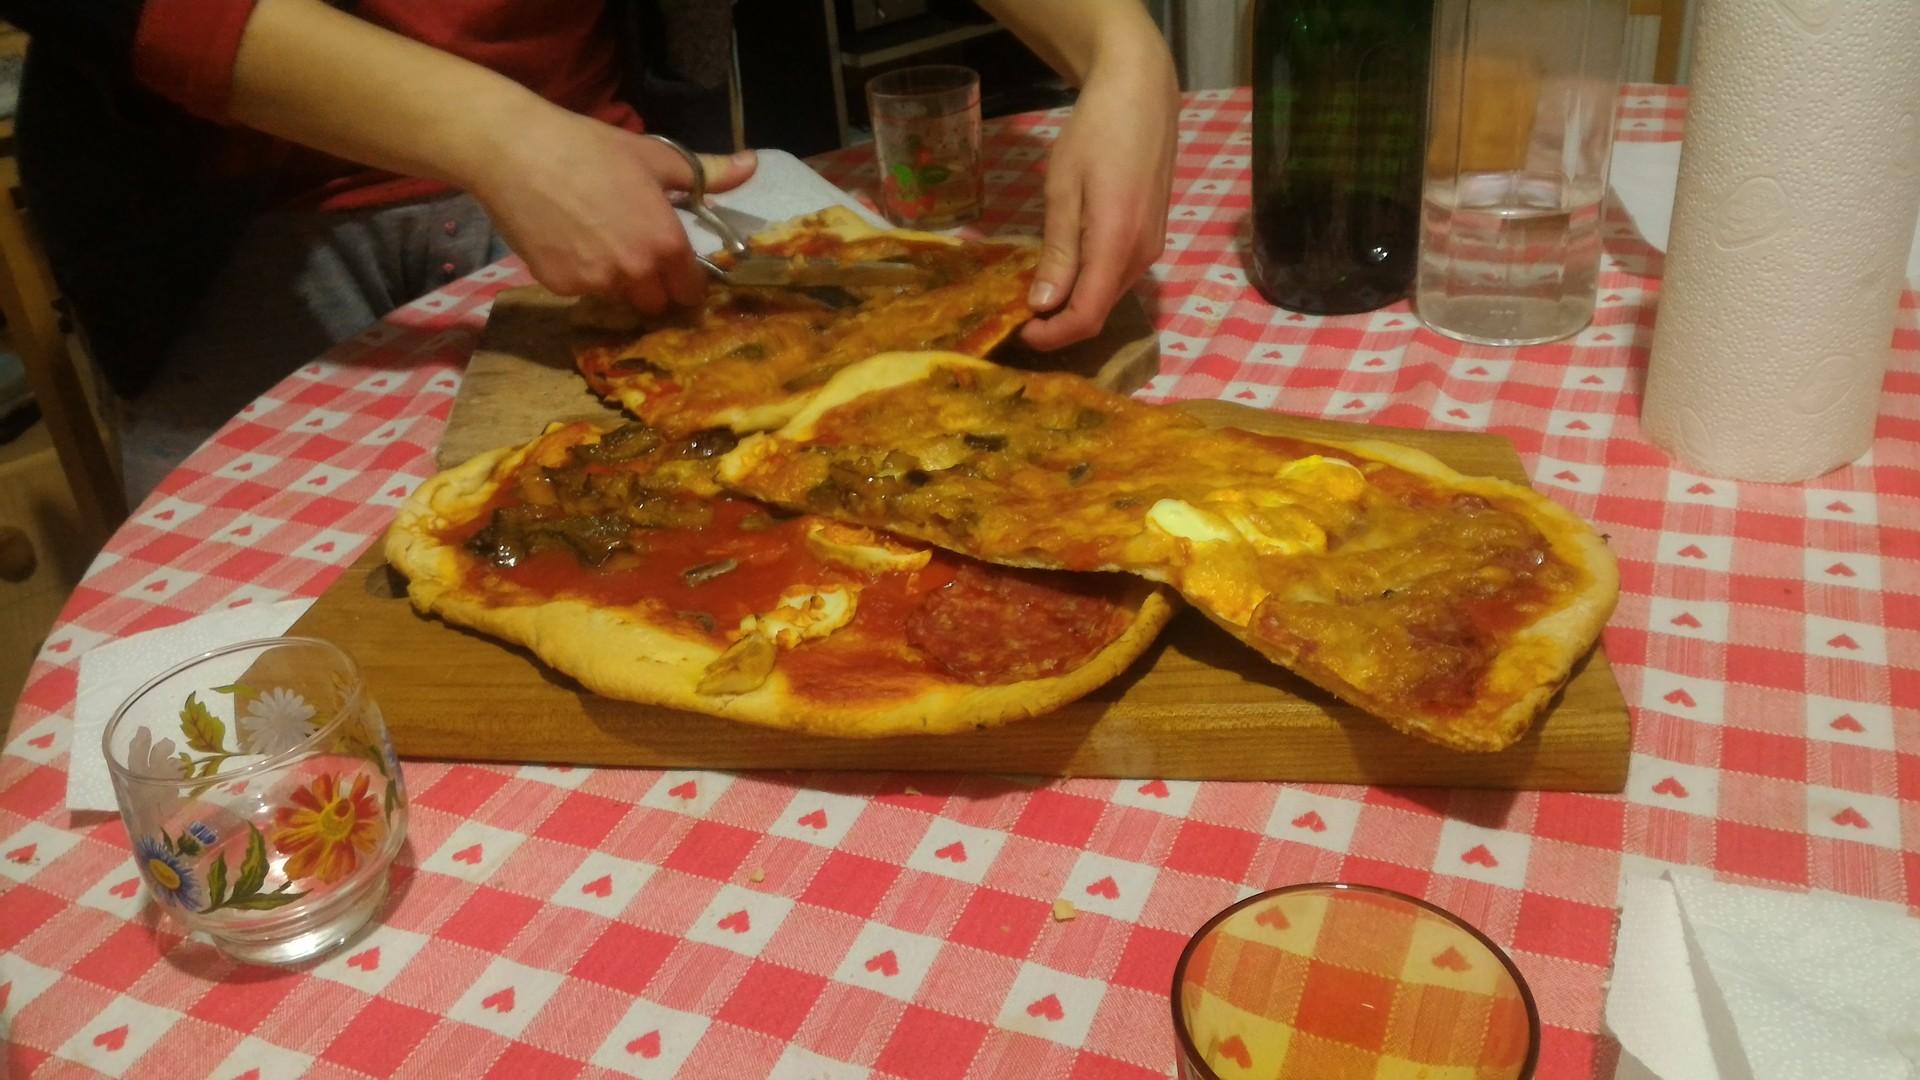 home-pizza-a3534acb3e07353056cfca6d38a9e